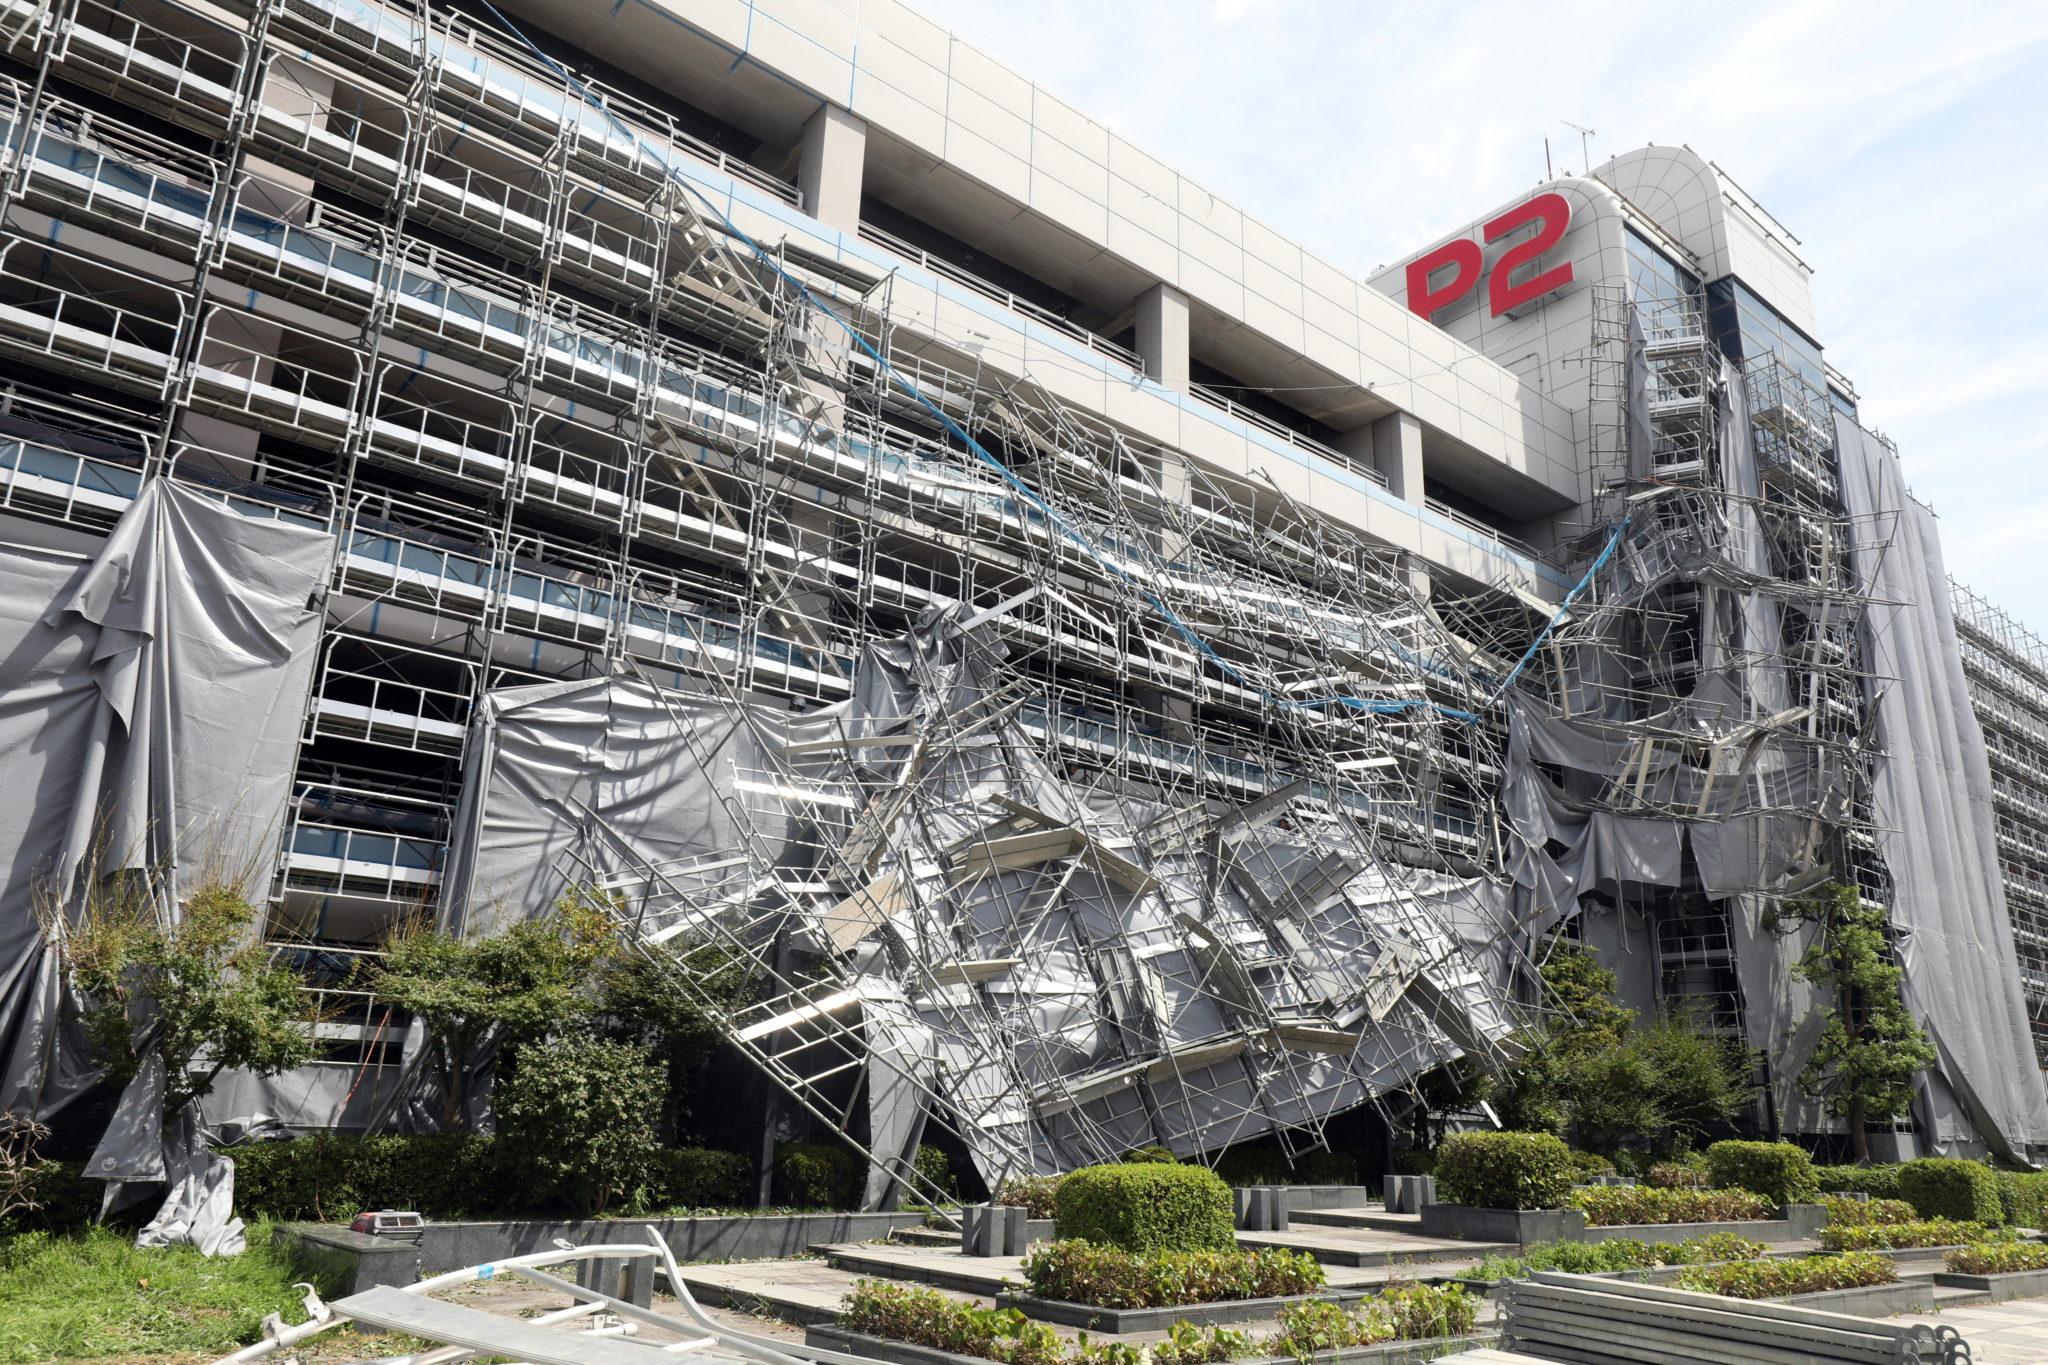 Japonia: tajfun Faxai powoduje zniszczenia i paraliżuje ruch lotniczy i kolejowy, fot. PAP/EPA